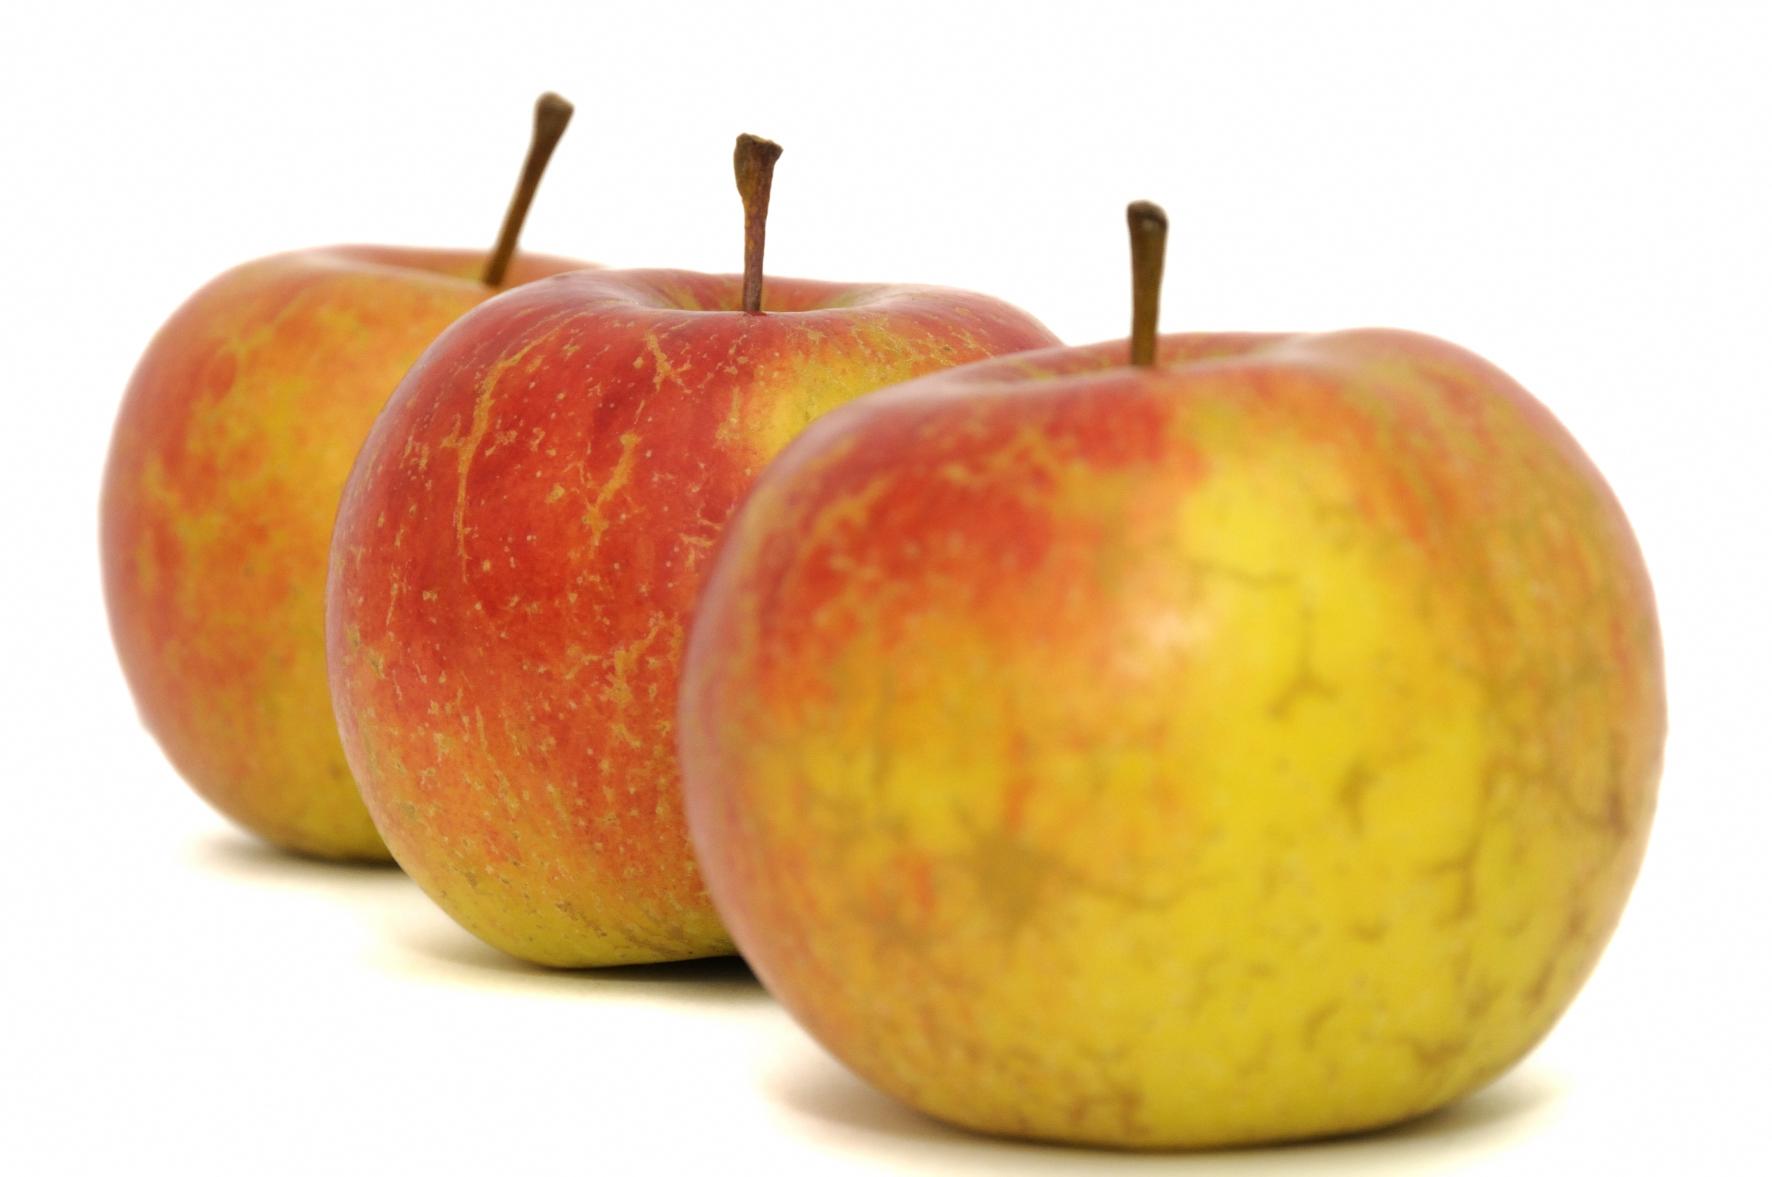 pommes bicolore 8 fruit alimentation nourritures toute image niffylux banque d. Black Bedroom Furniture Sets. Home Design Ideas